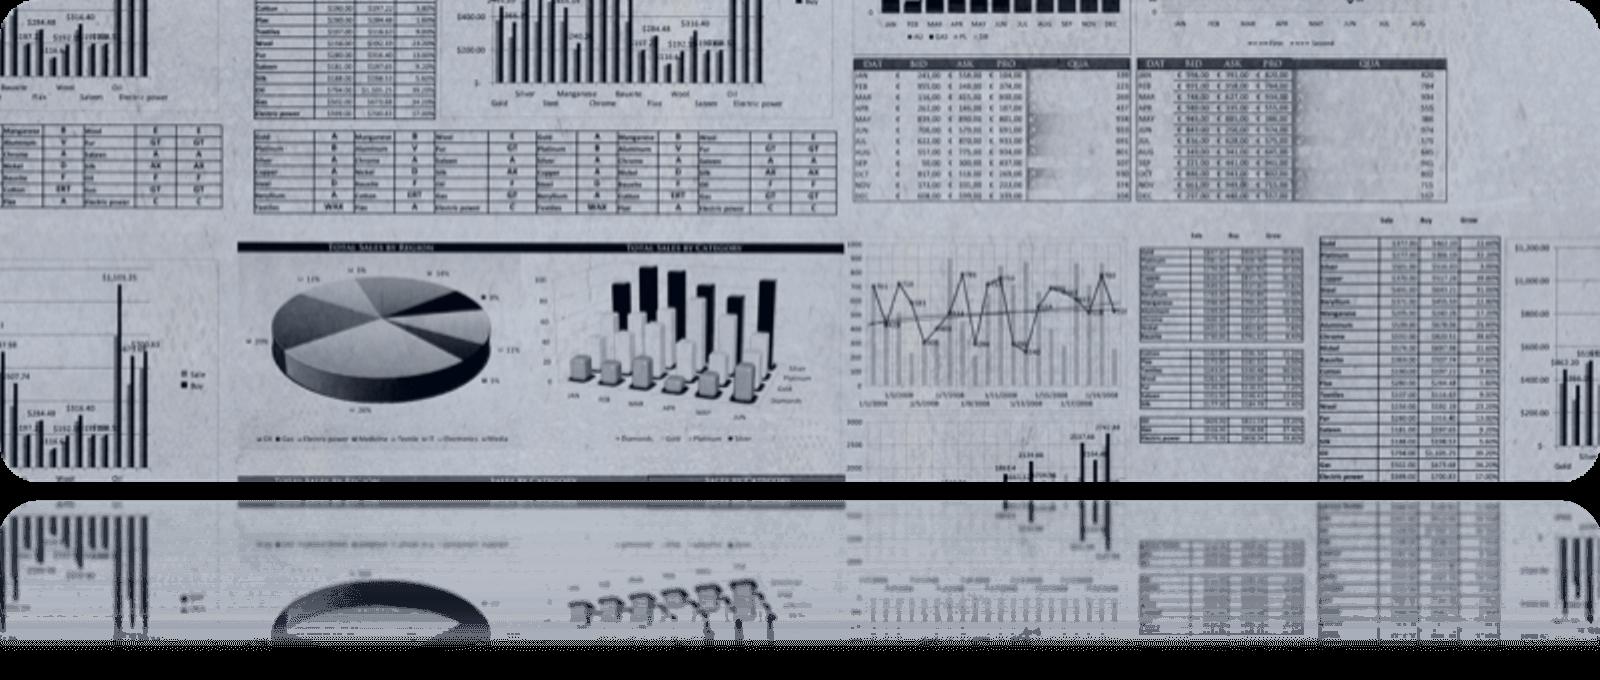 Wertpapierexpertise - Expertise für Wertpapiere